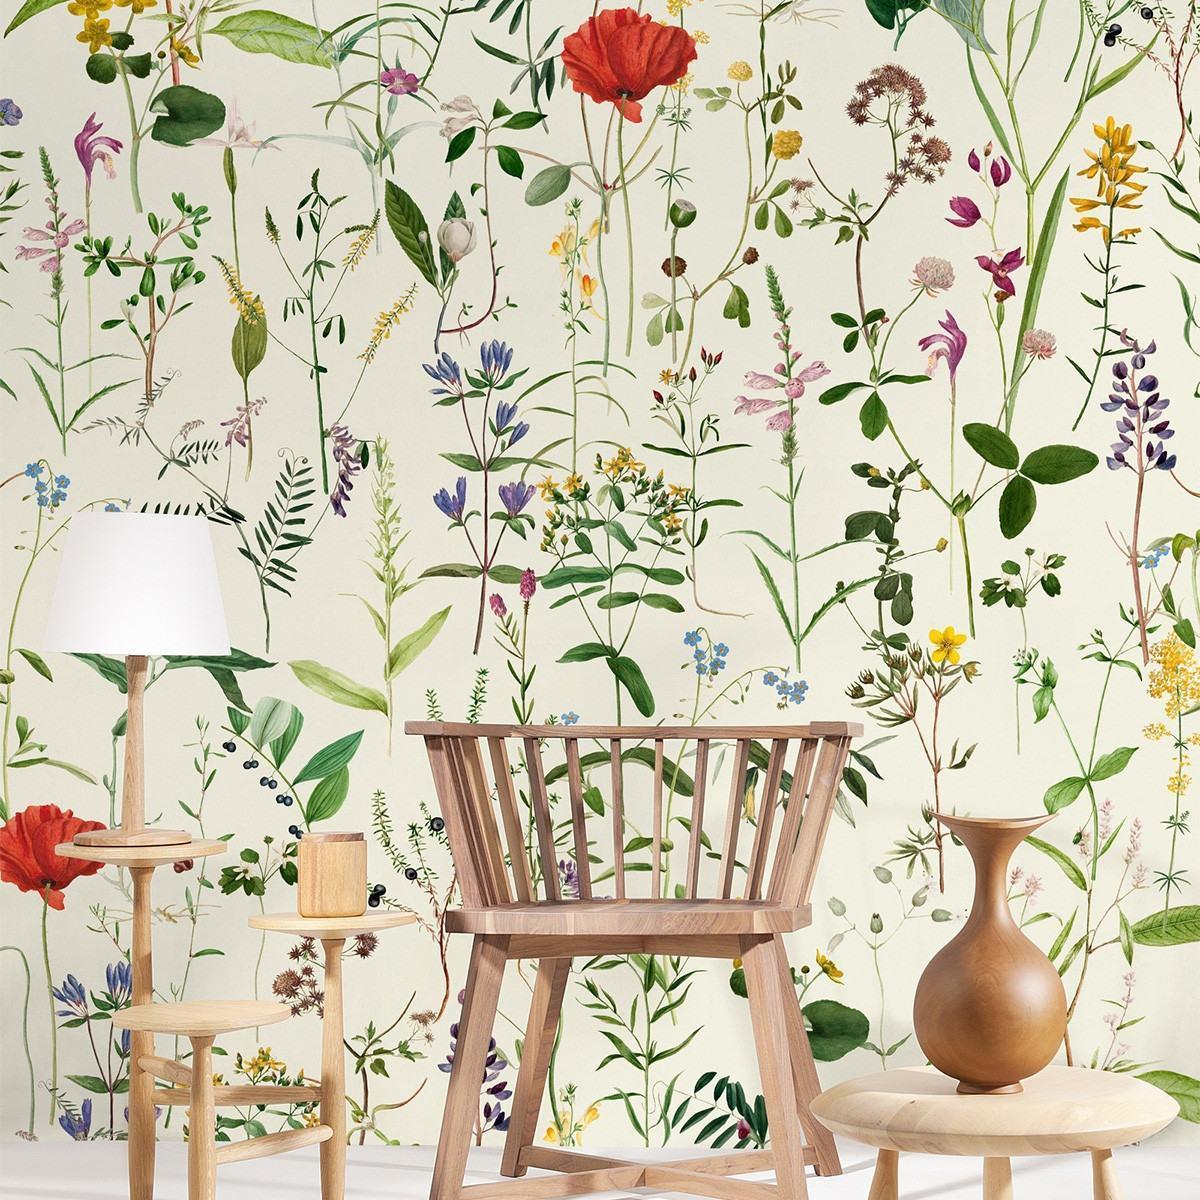 Mind The Gap Aquafleur Floral Wallpaper